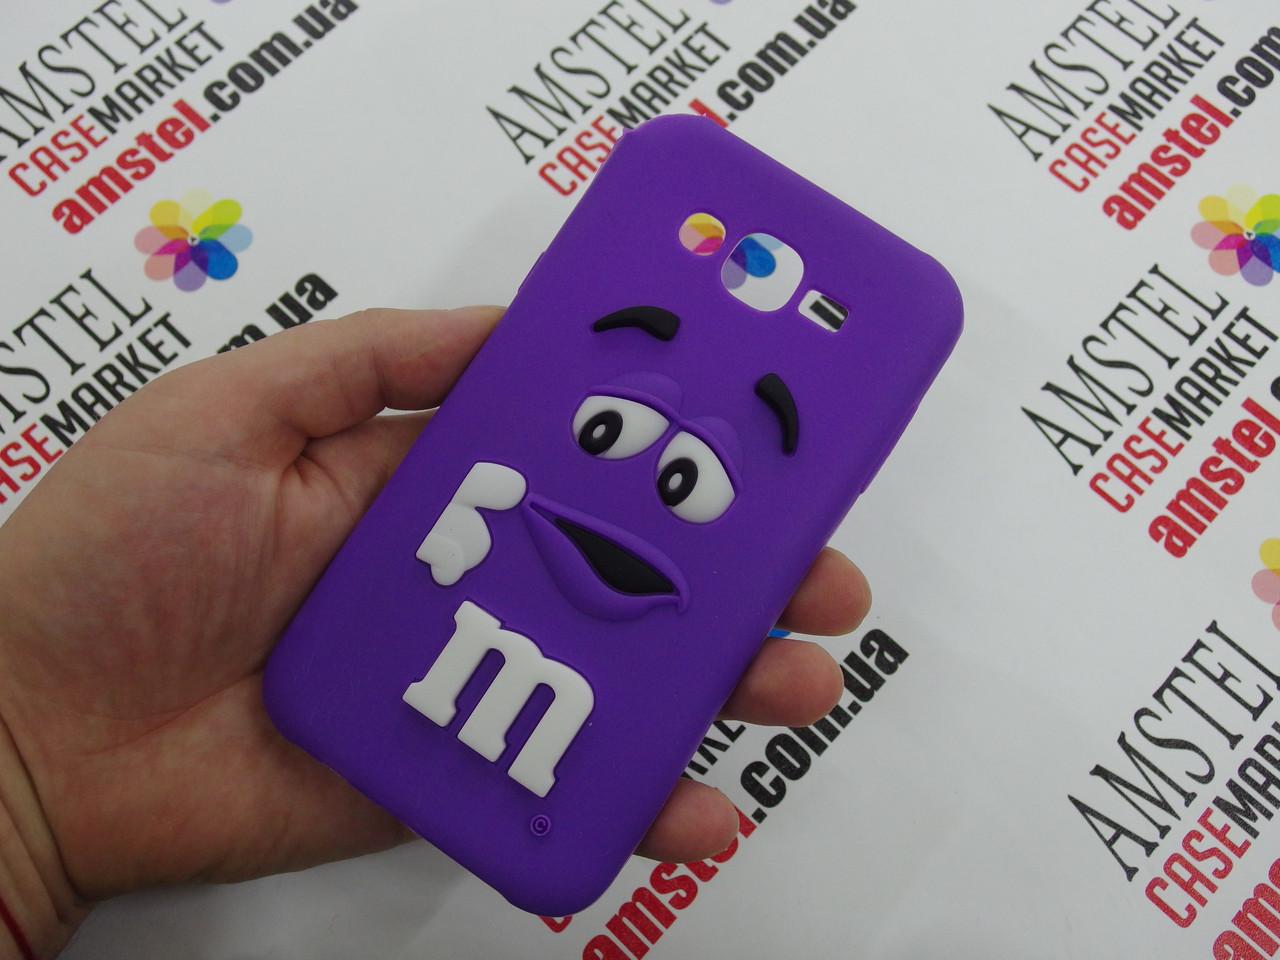 Объемный 3D силиконовый чехол для Samsung Galaxy J7 J700 M&M's фиолетовый